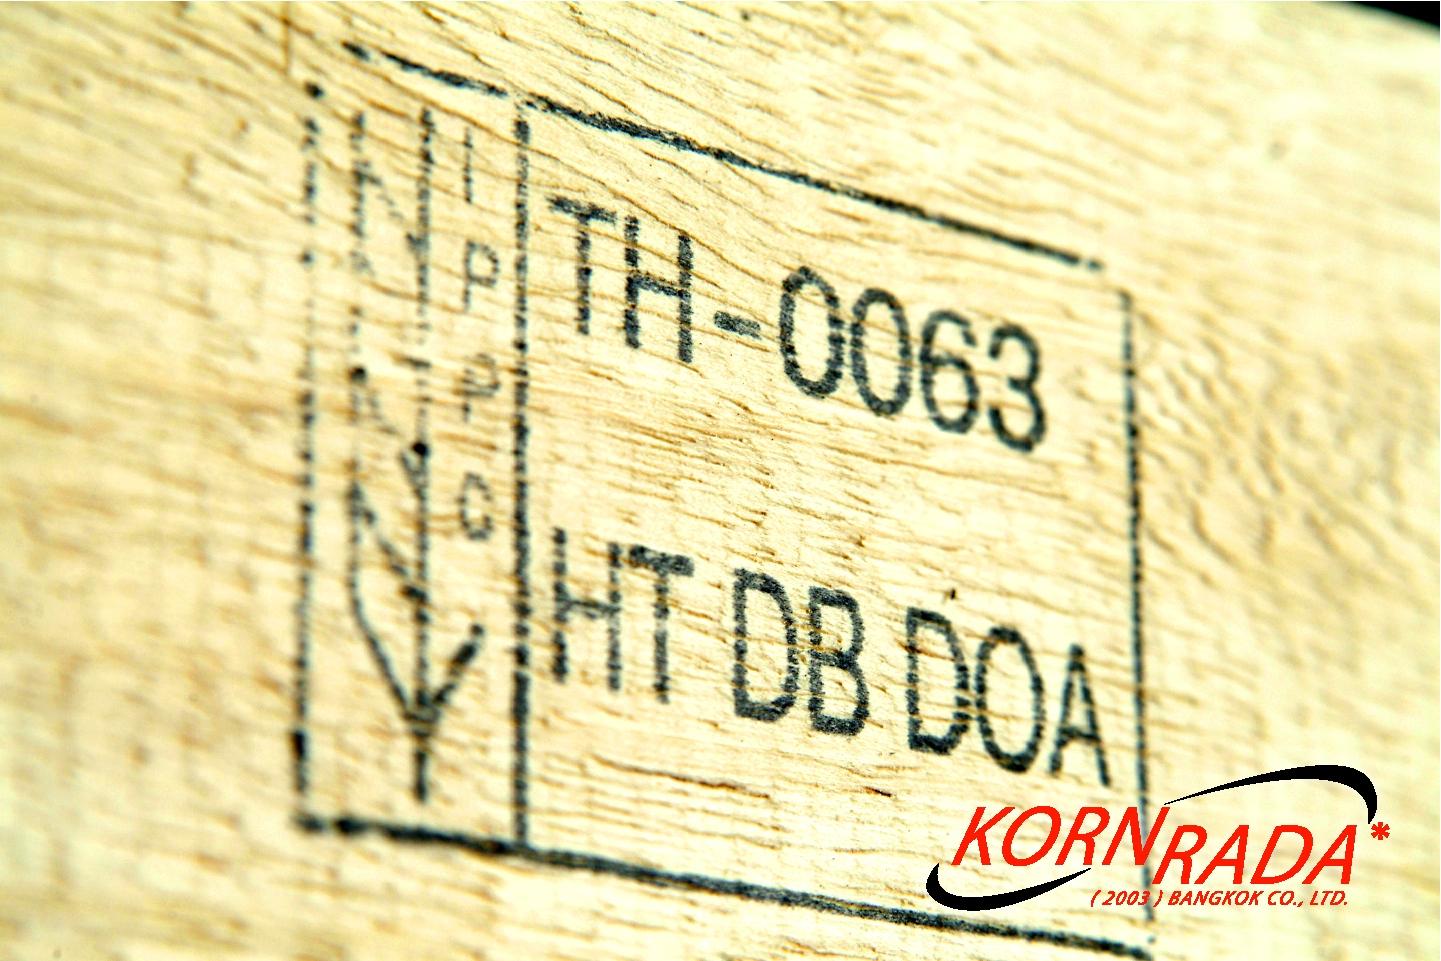 kornrada_products_1912